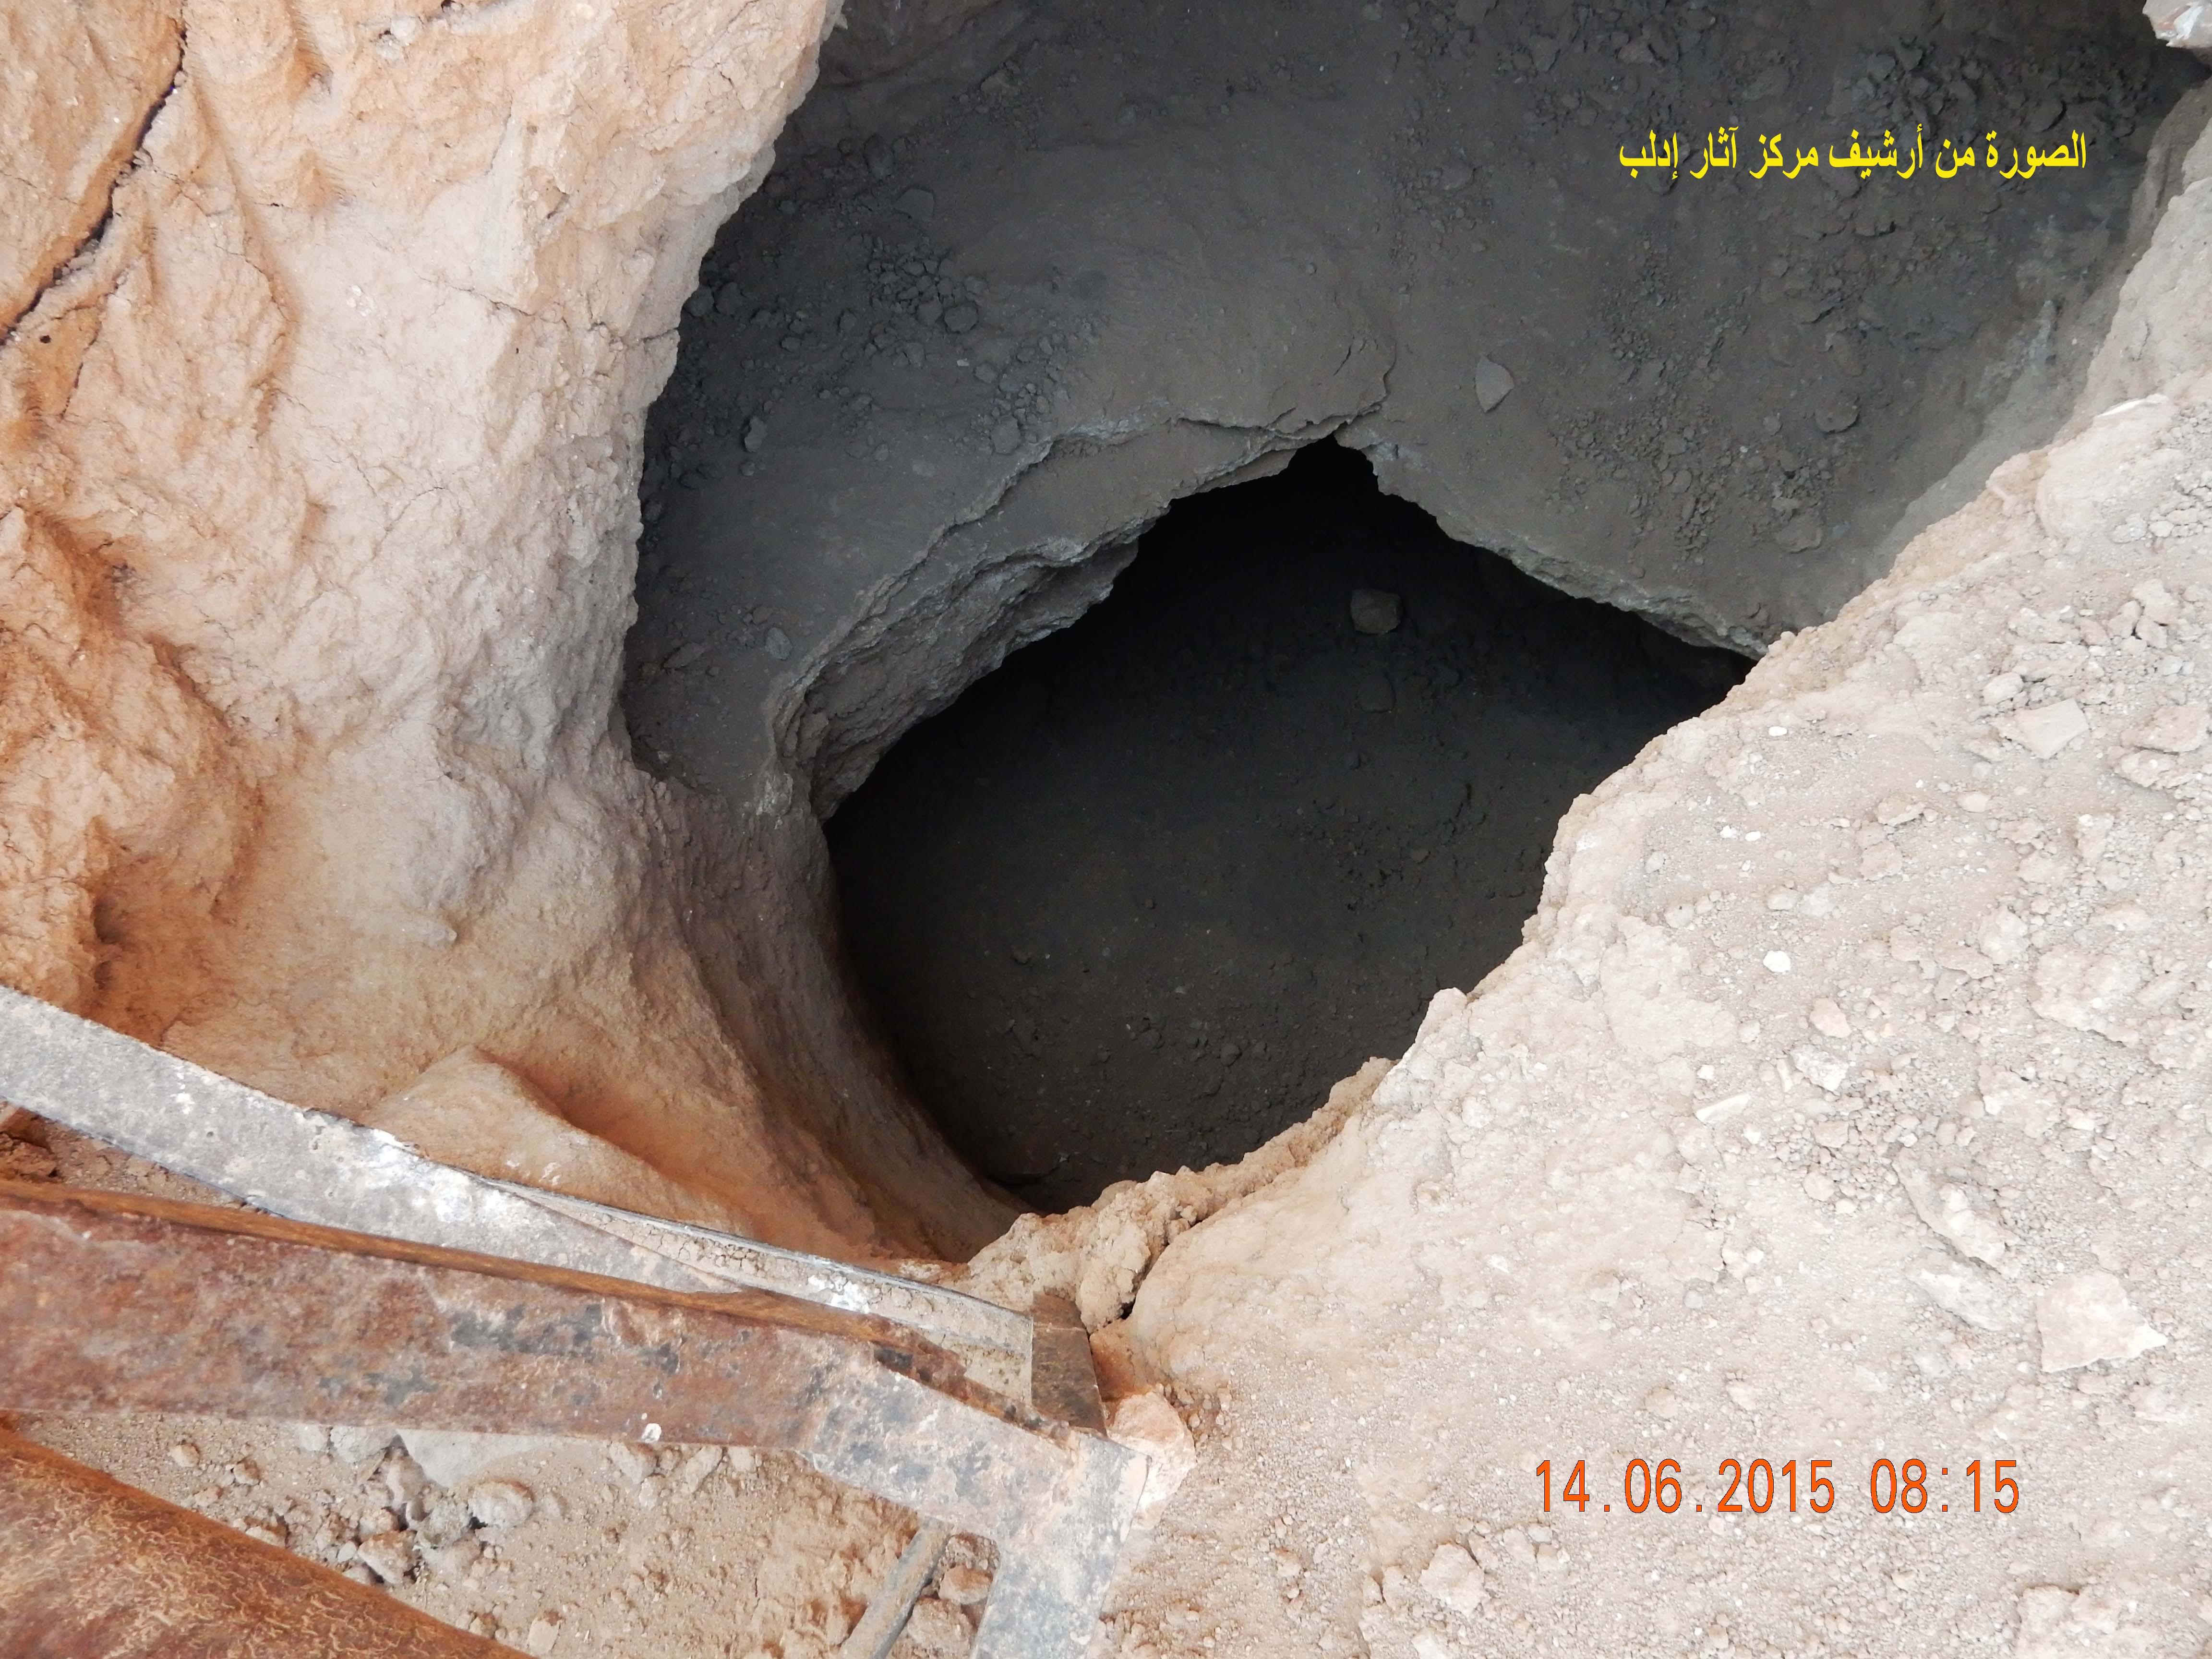 واحدة من مئات الحفر العشوائية في موقع إيبلا (مركز آثار إدلب).